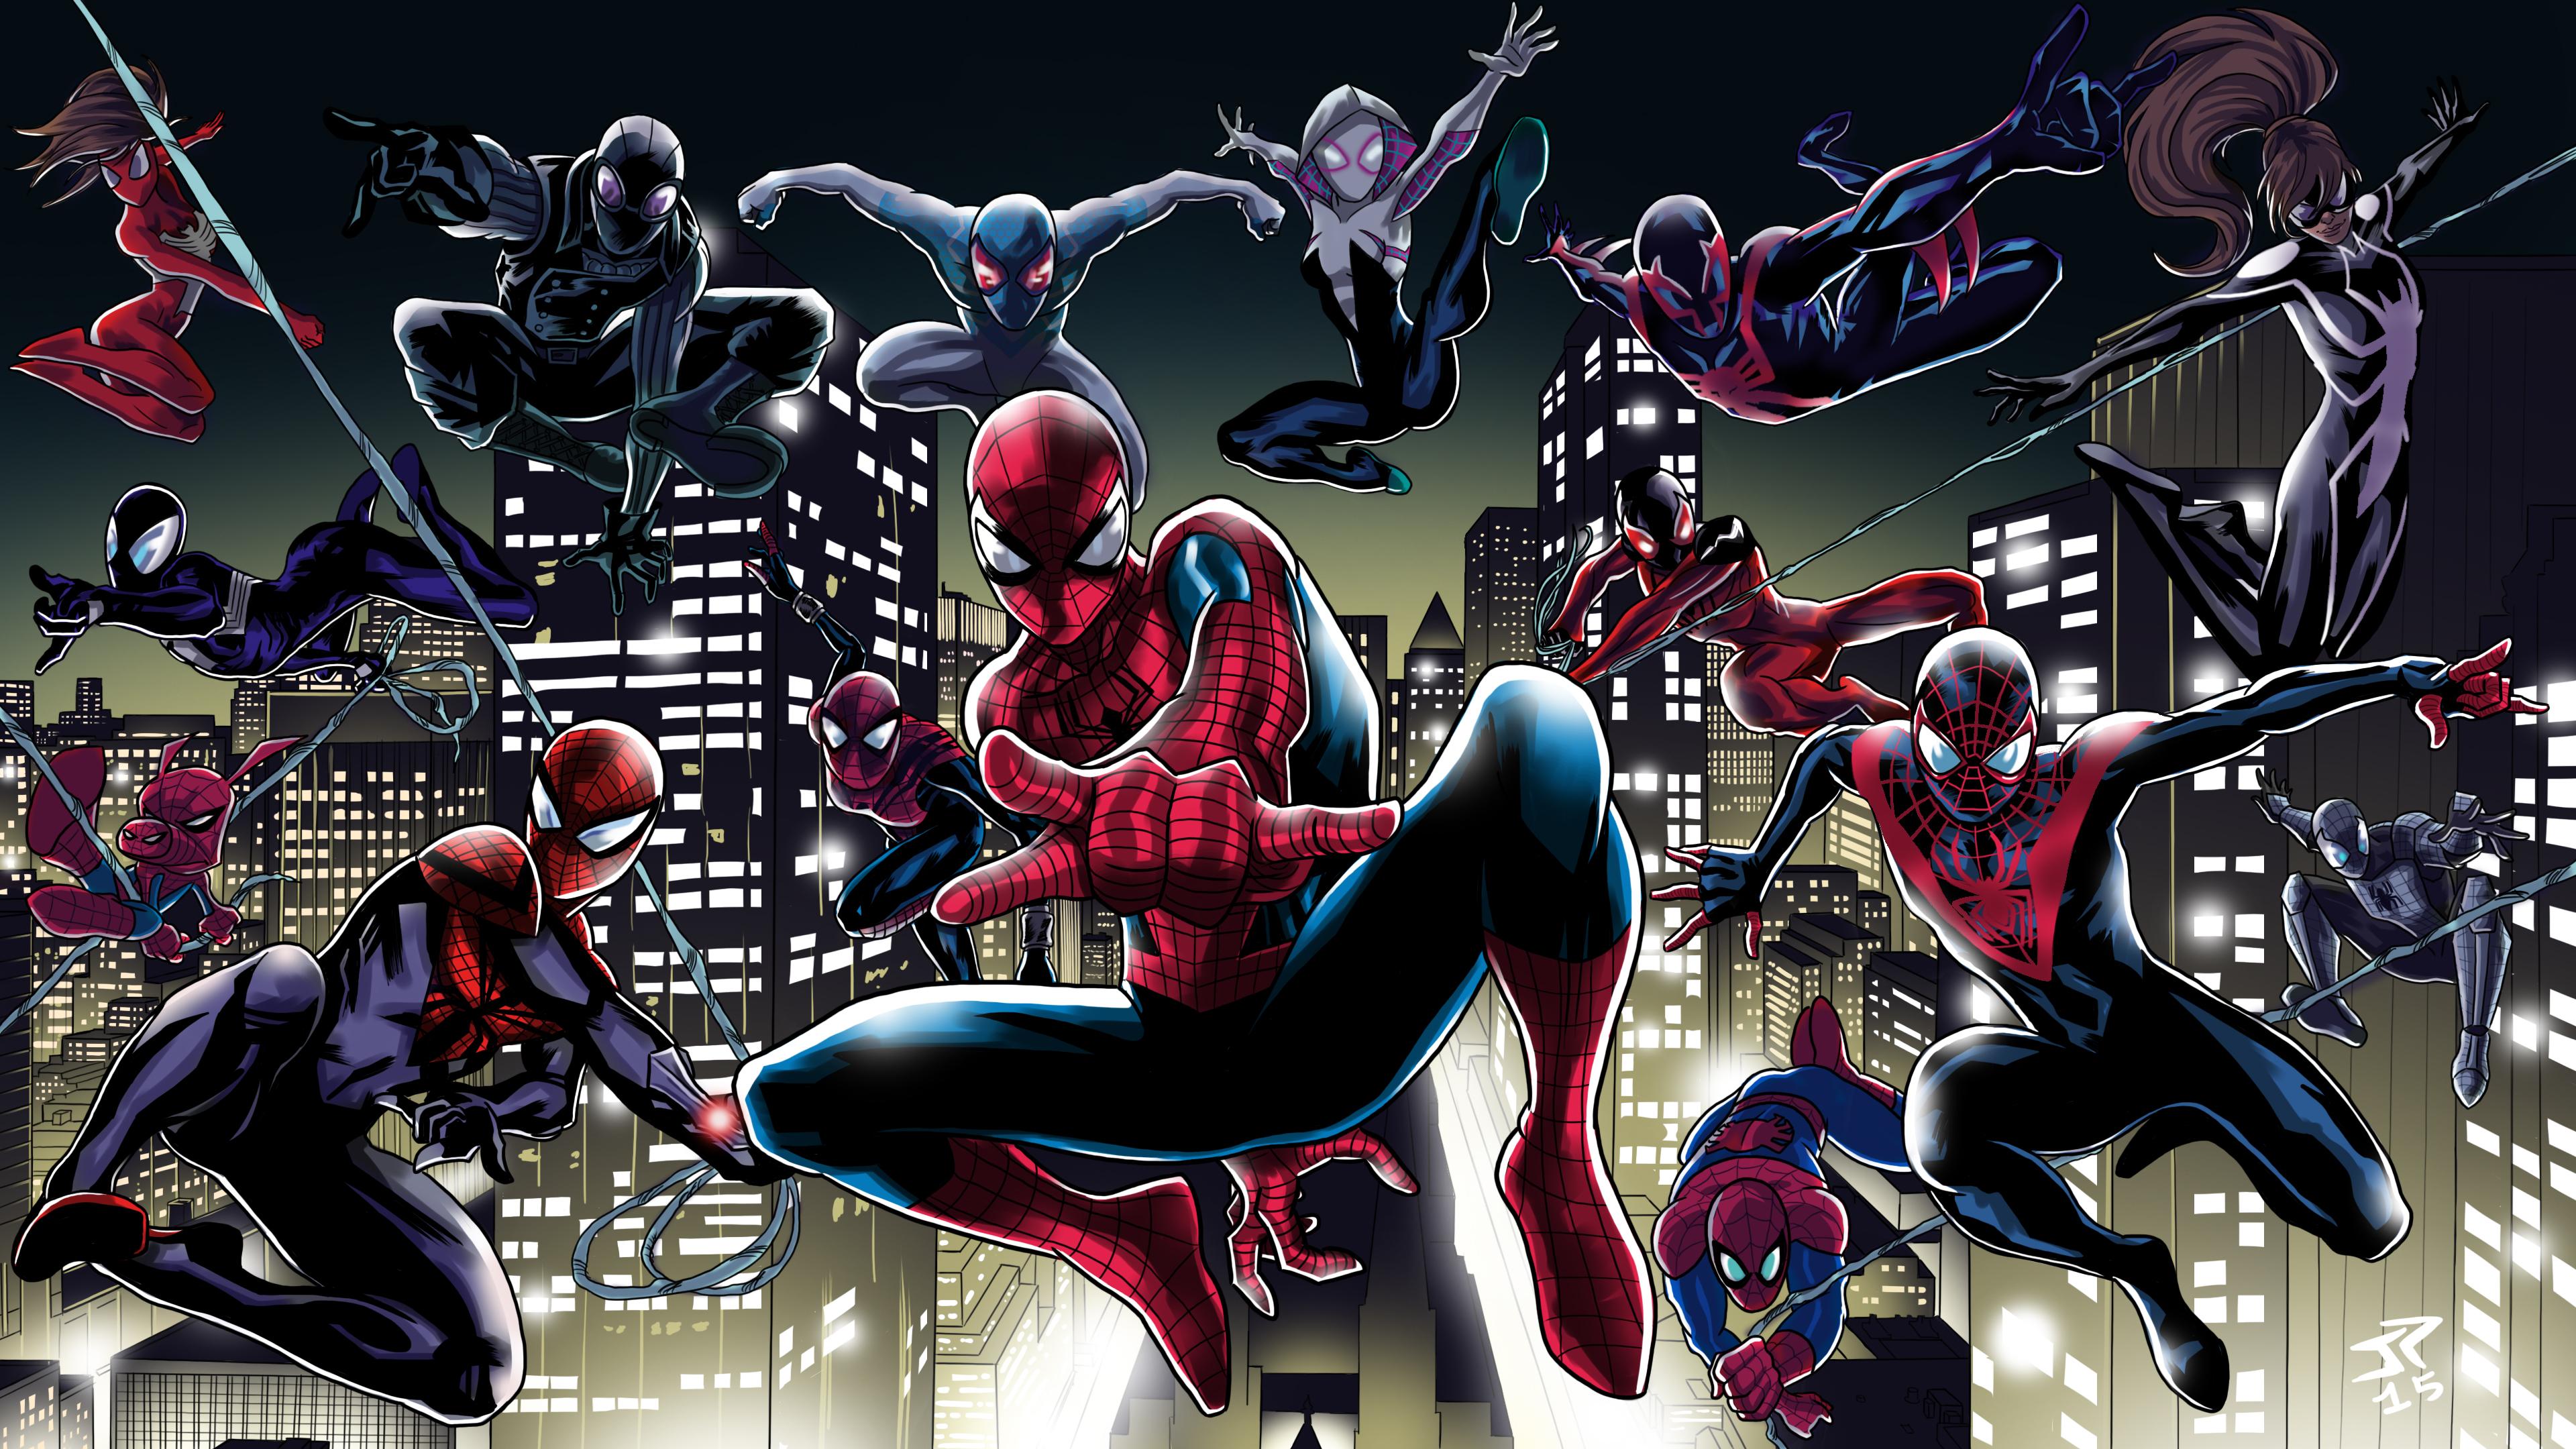 spider verse 1538786505 - Spider Verse - superheroes wallpapers, spiderman wallpapers, hd-wallpapers, digital art wallpapers, deviantart wallpapers, artwork wallpapers, artist wallpapers, 4k-wallpapers